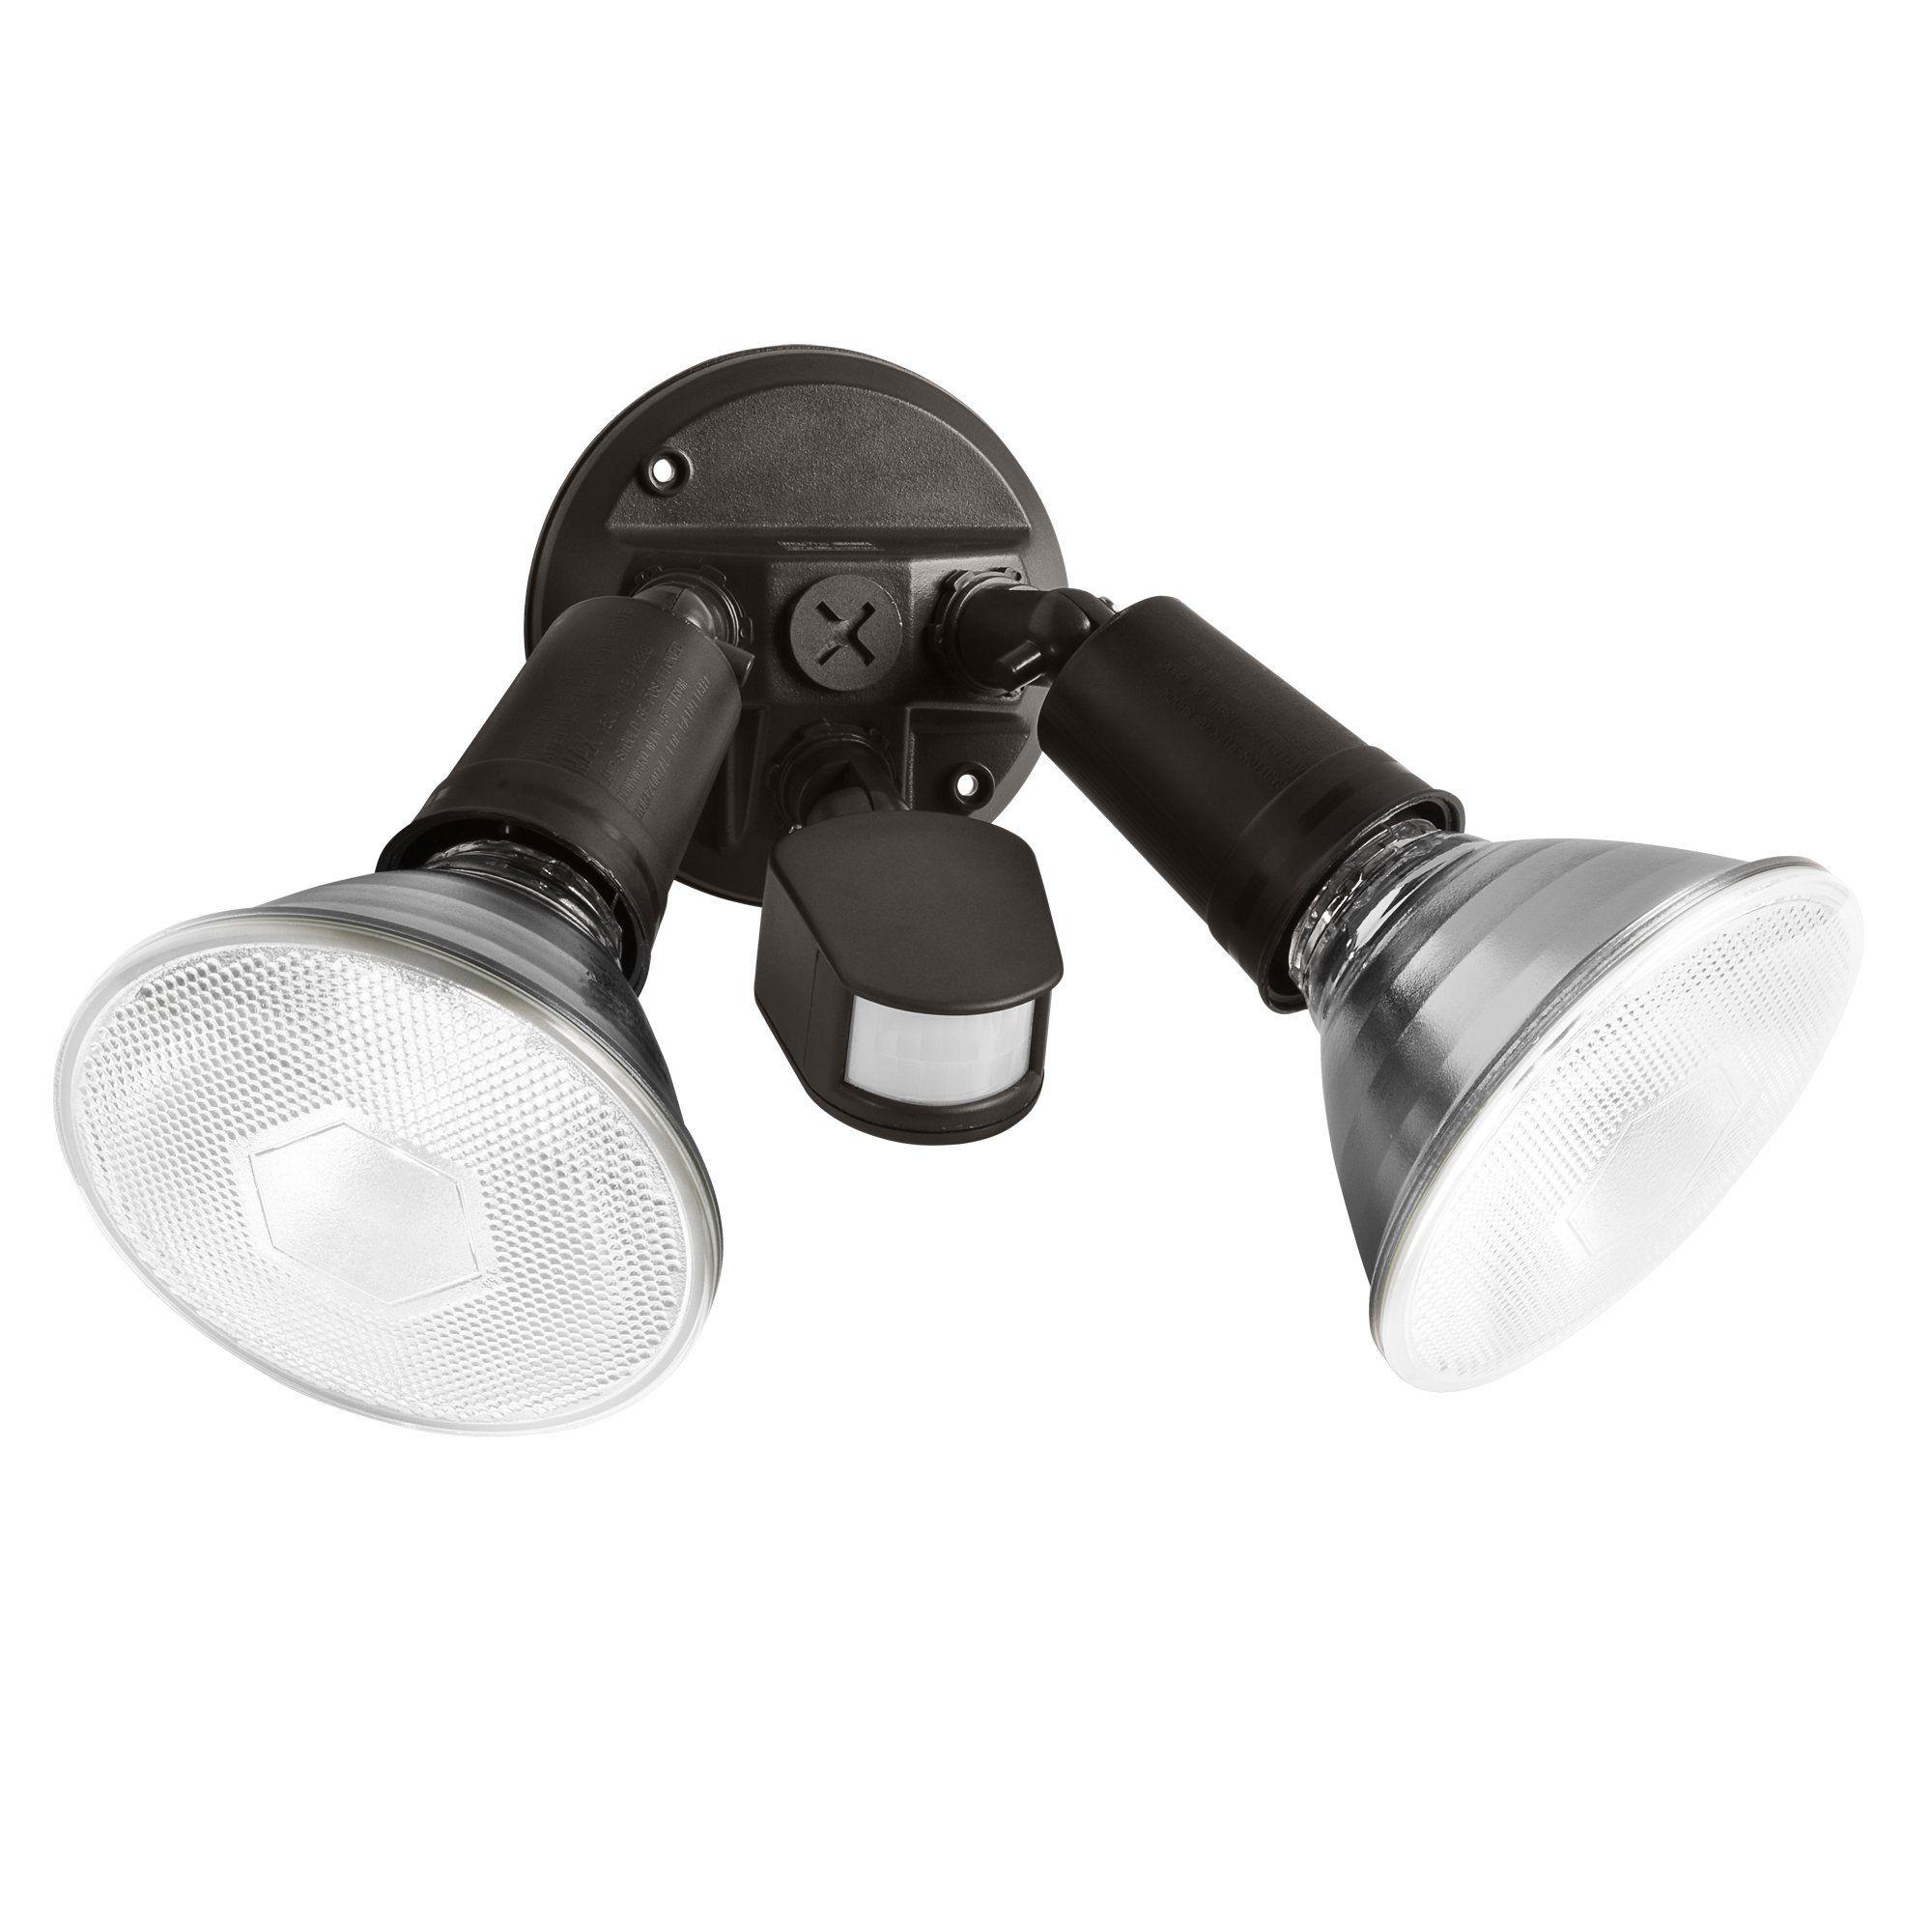 Brinks 7120B 110Degree Motion Par Security Light 510 Flip Ideas